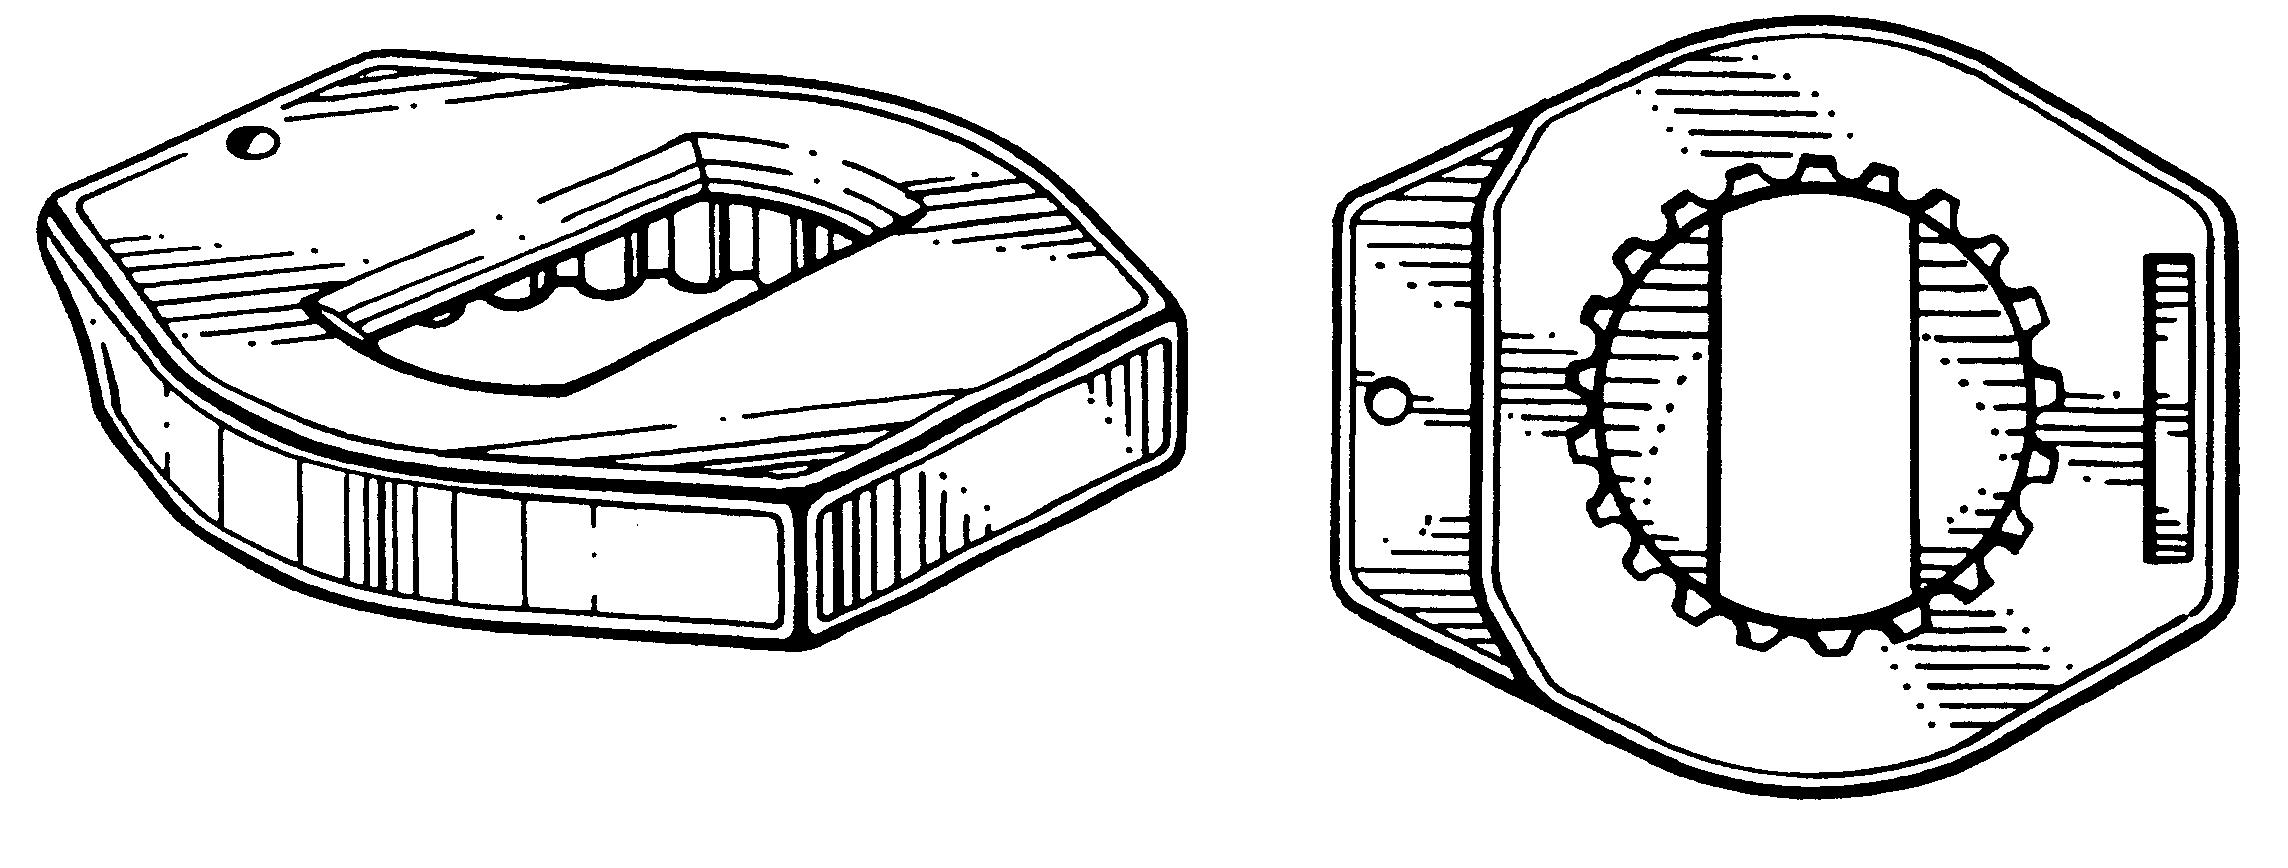 patent usd442449 bottle opener google patents. Black Bedroom Furniture Sets. Home Design Ideas